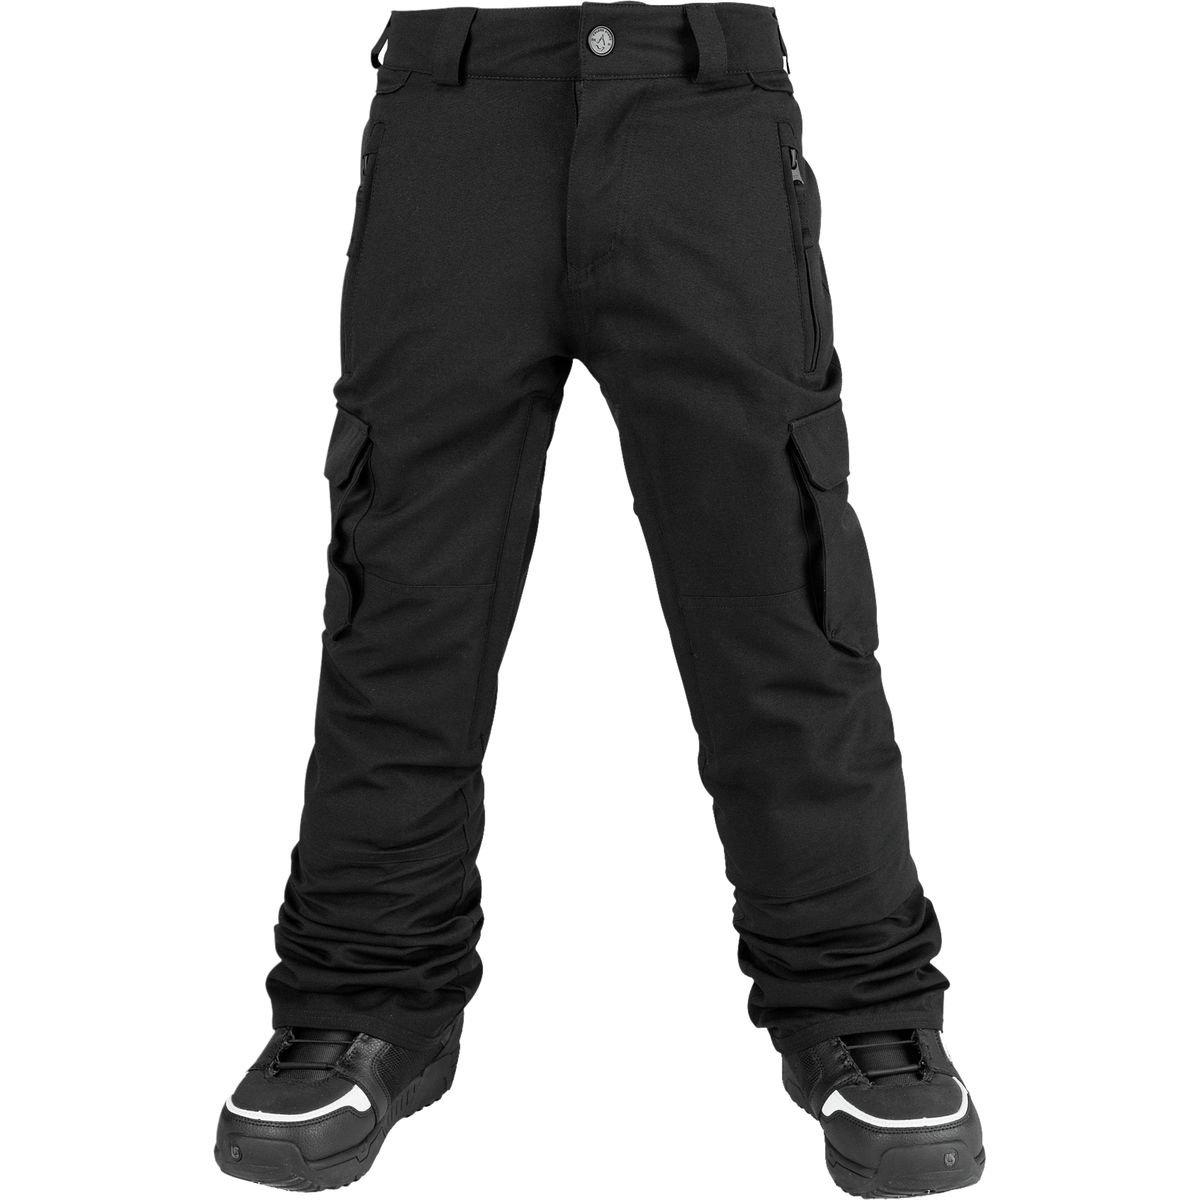 Volcom Big Boys' Cargo Insulated Pant, Black, S